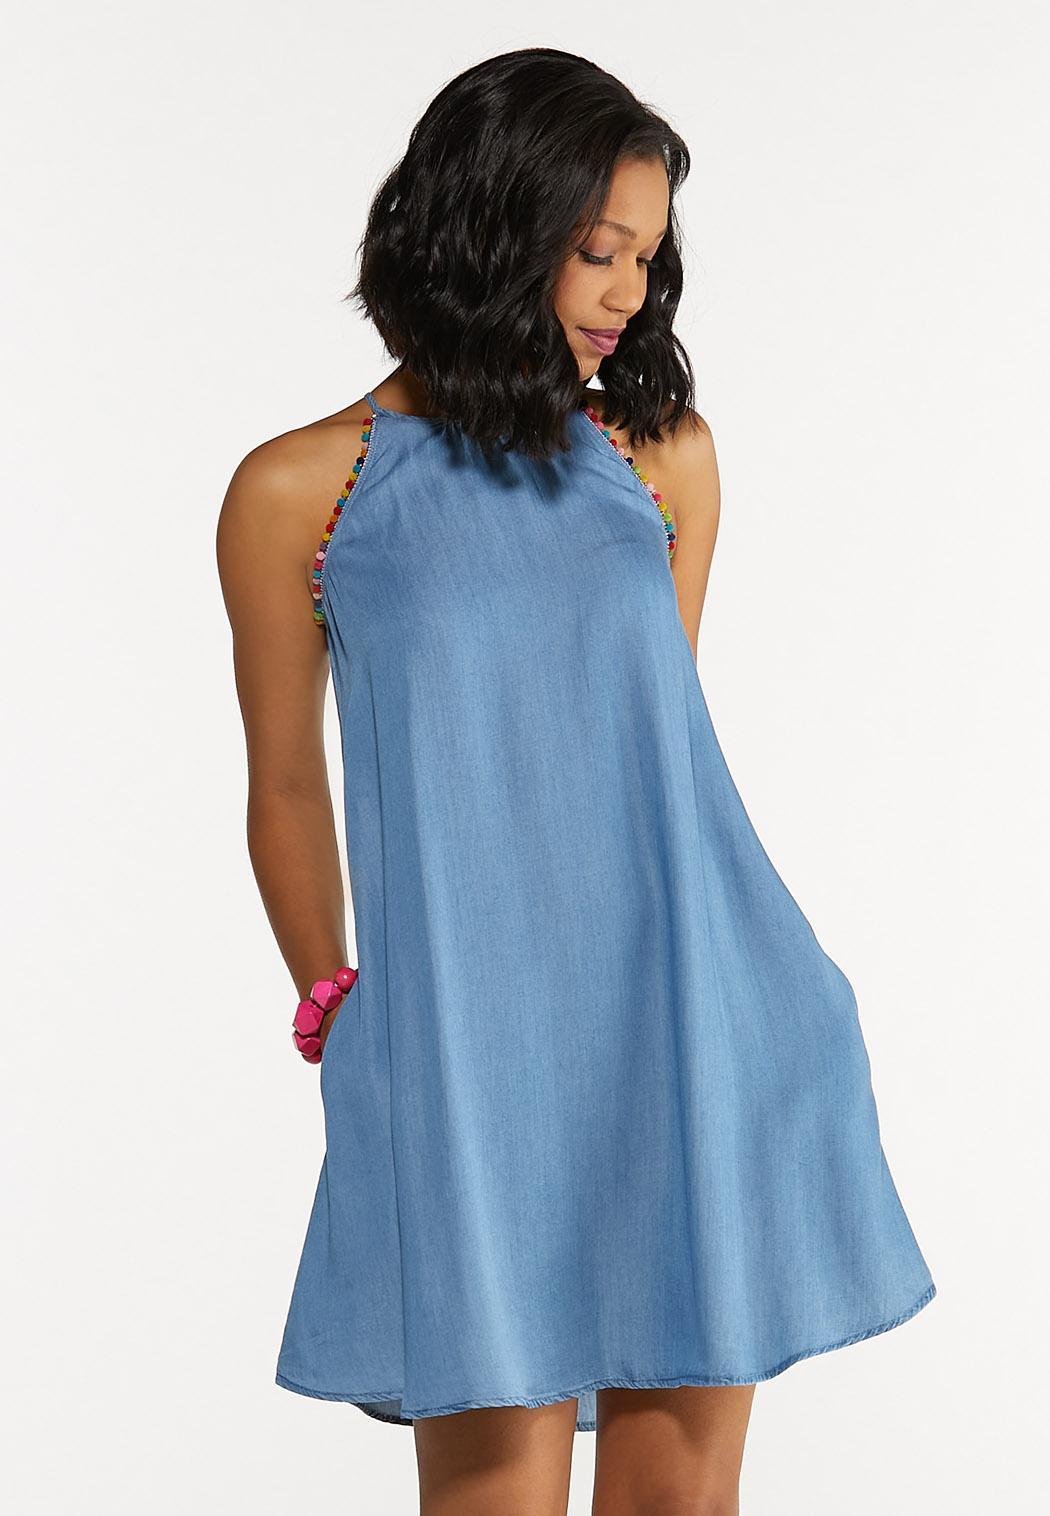 Chambray Pom-Pom Swing Dress